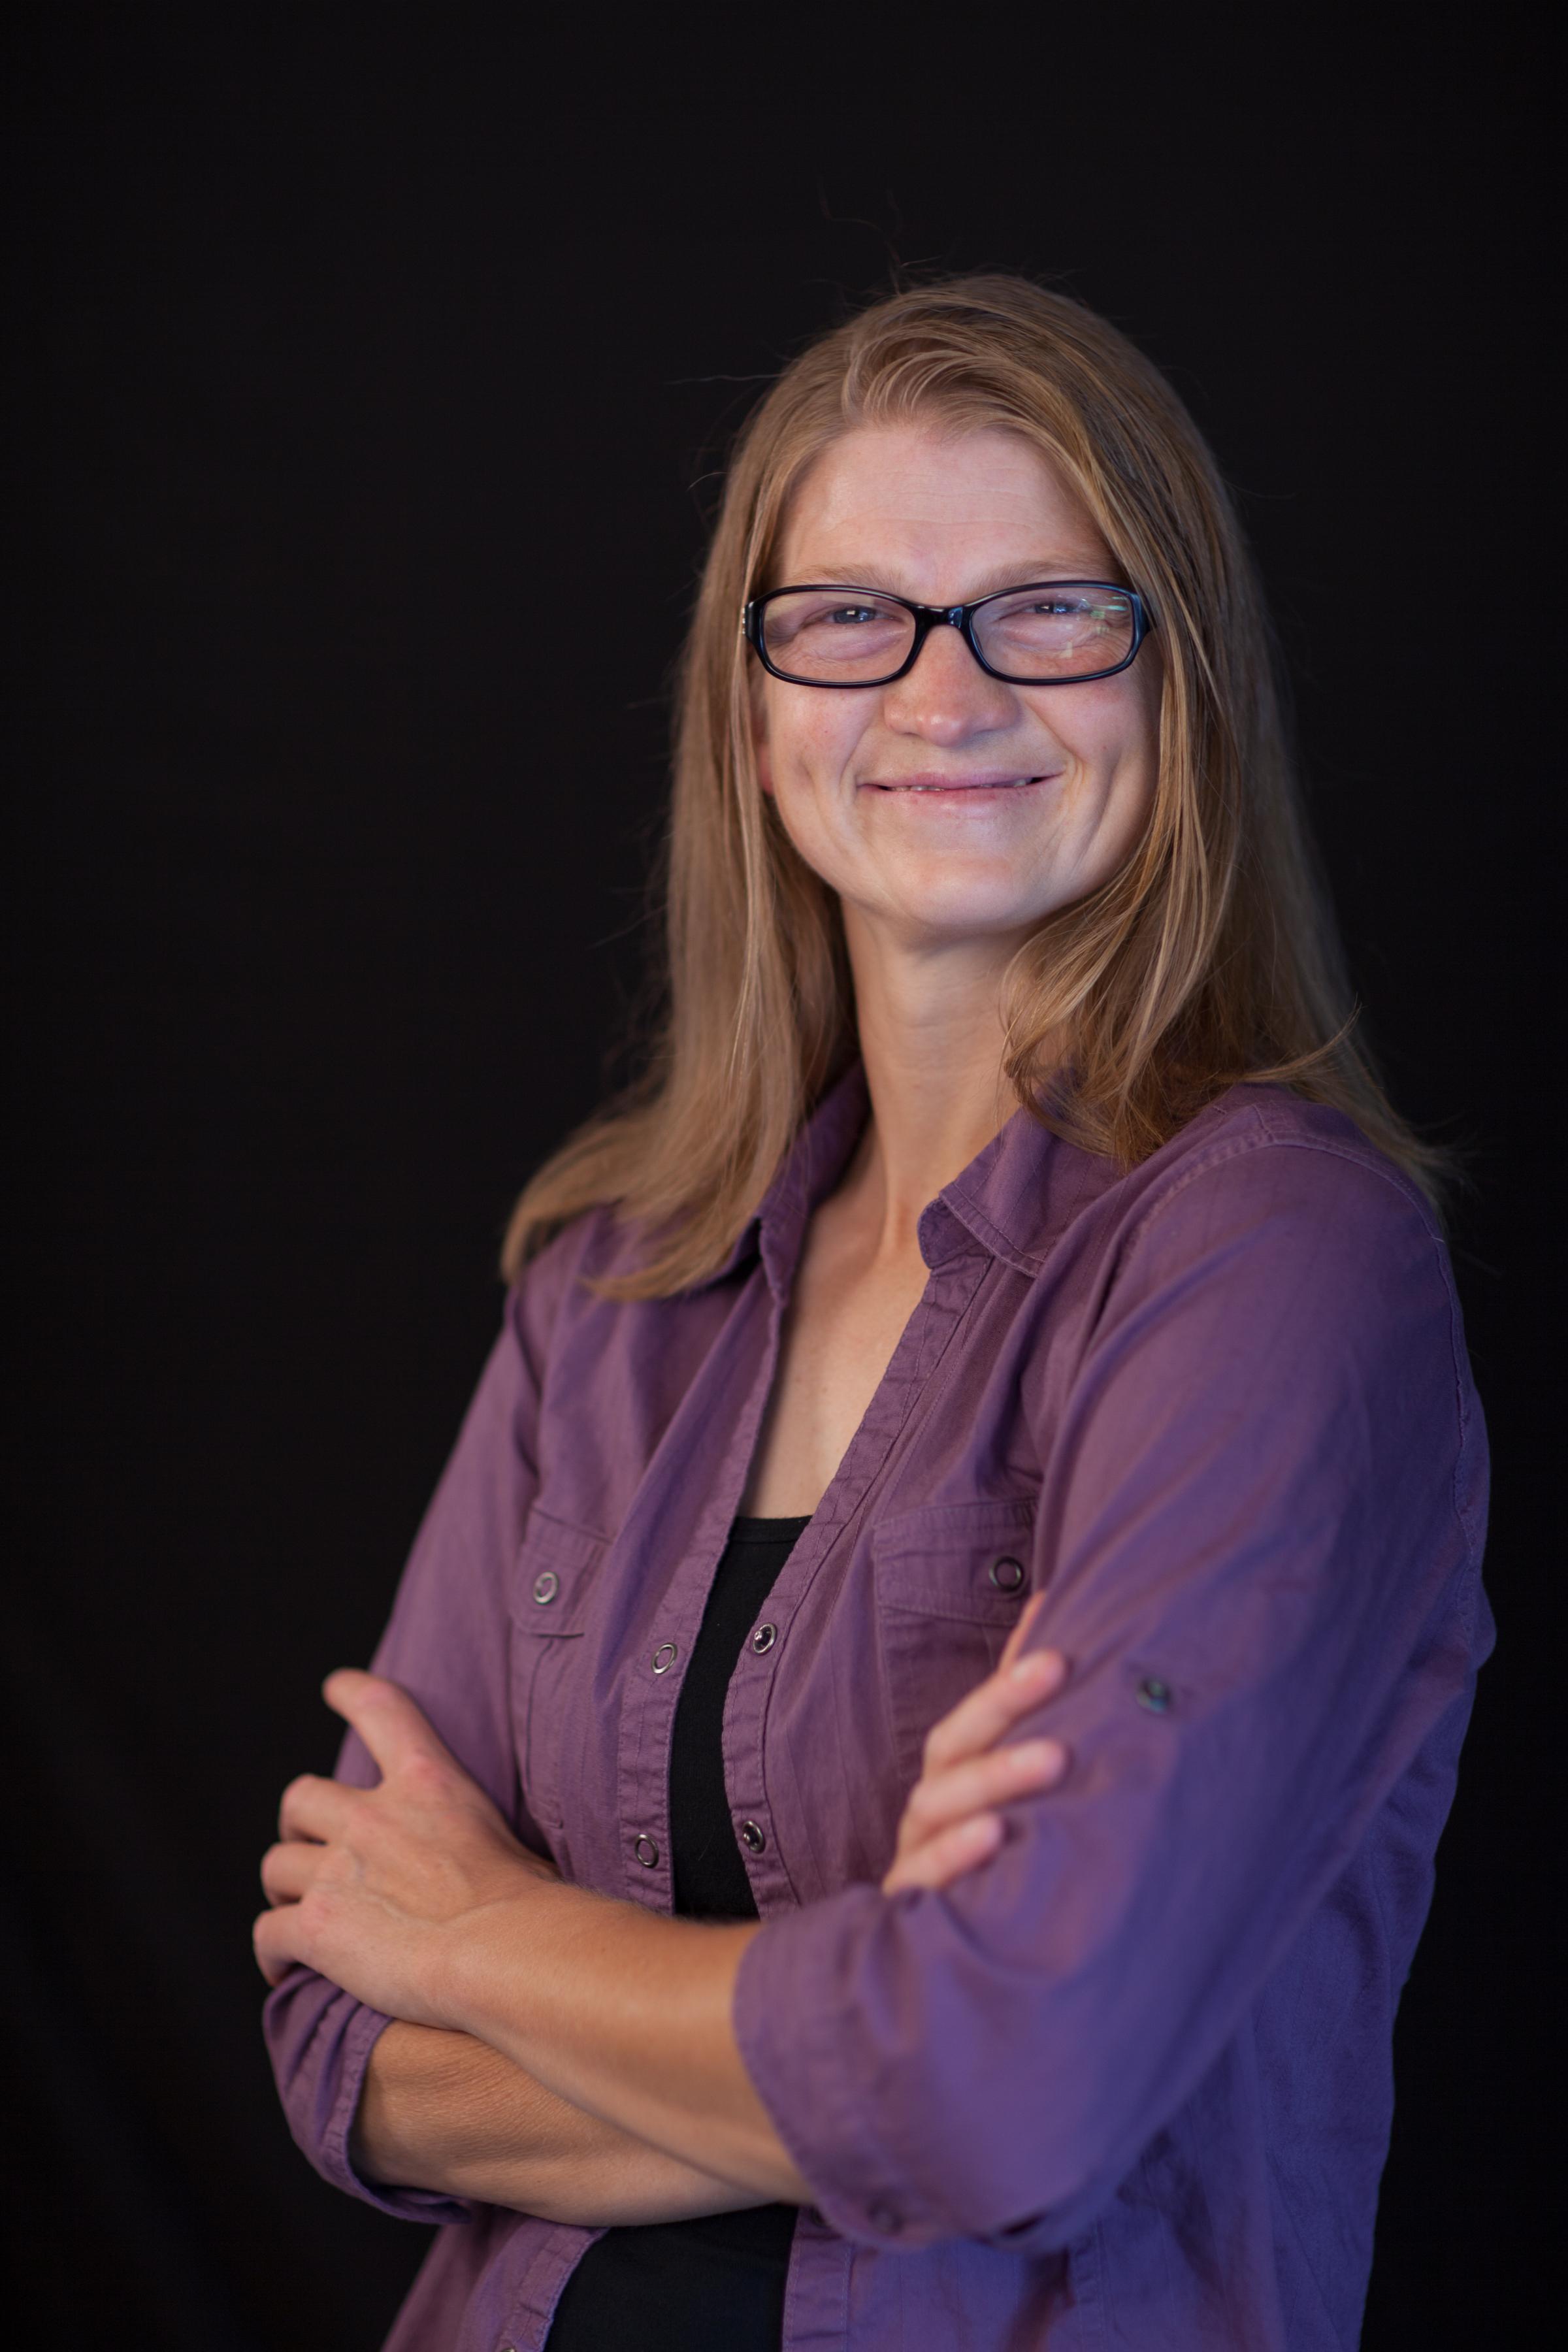 Ruthie Jordan